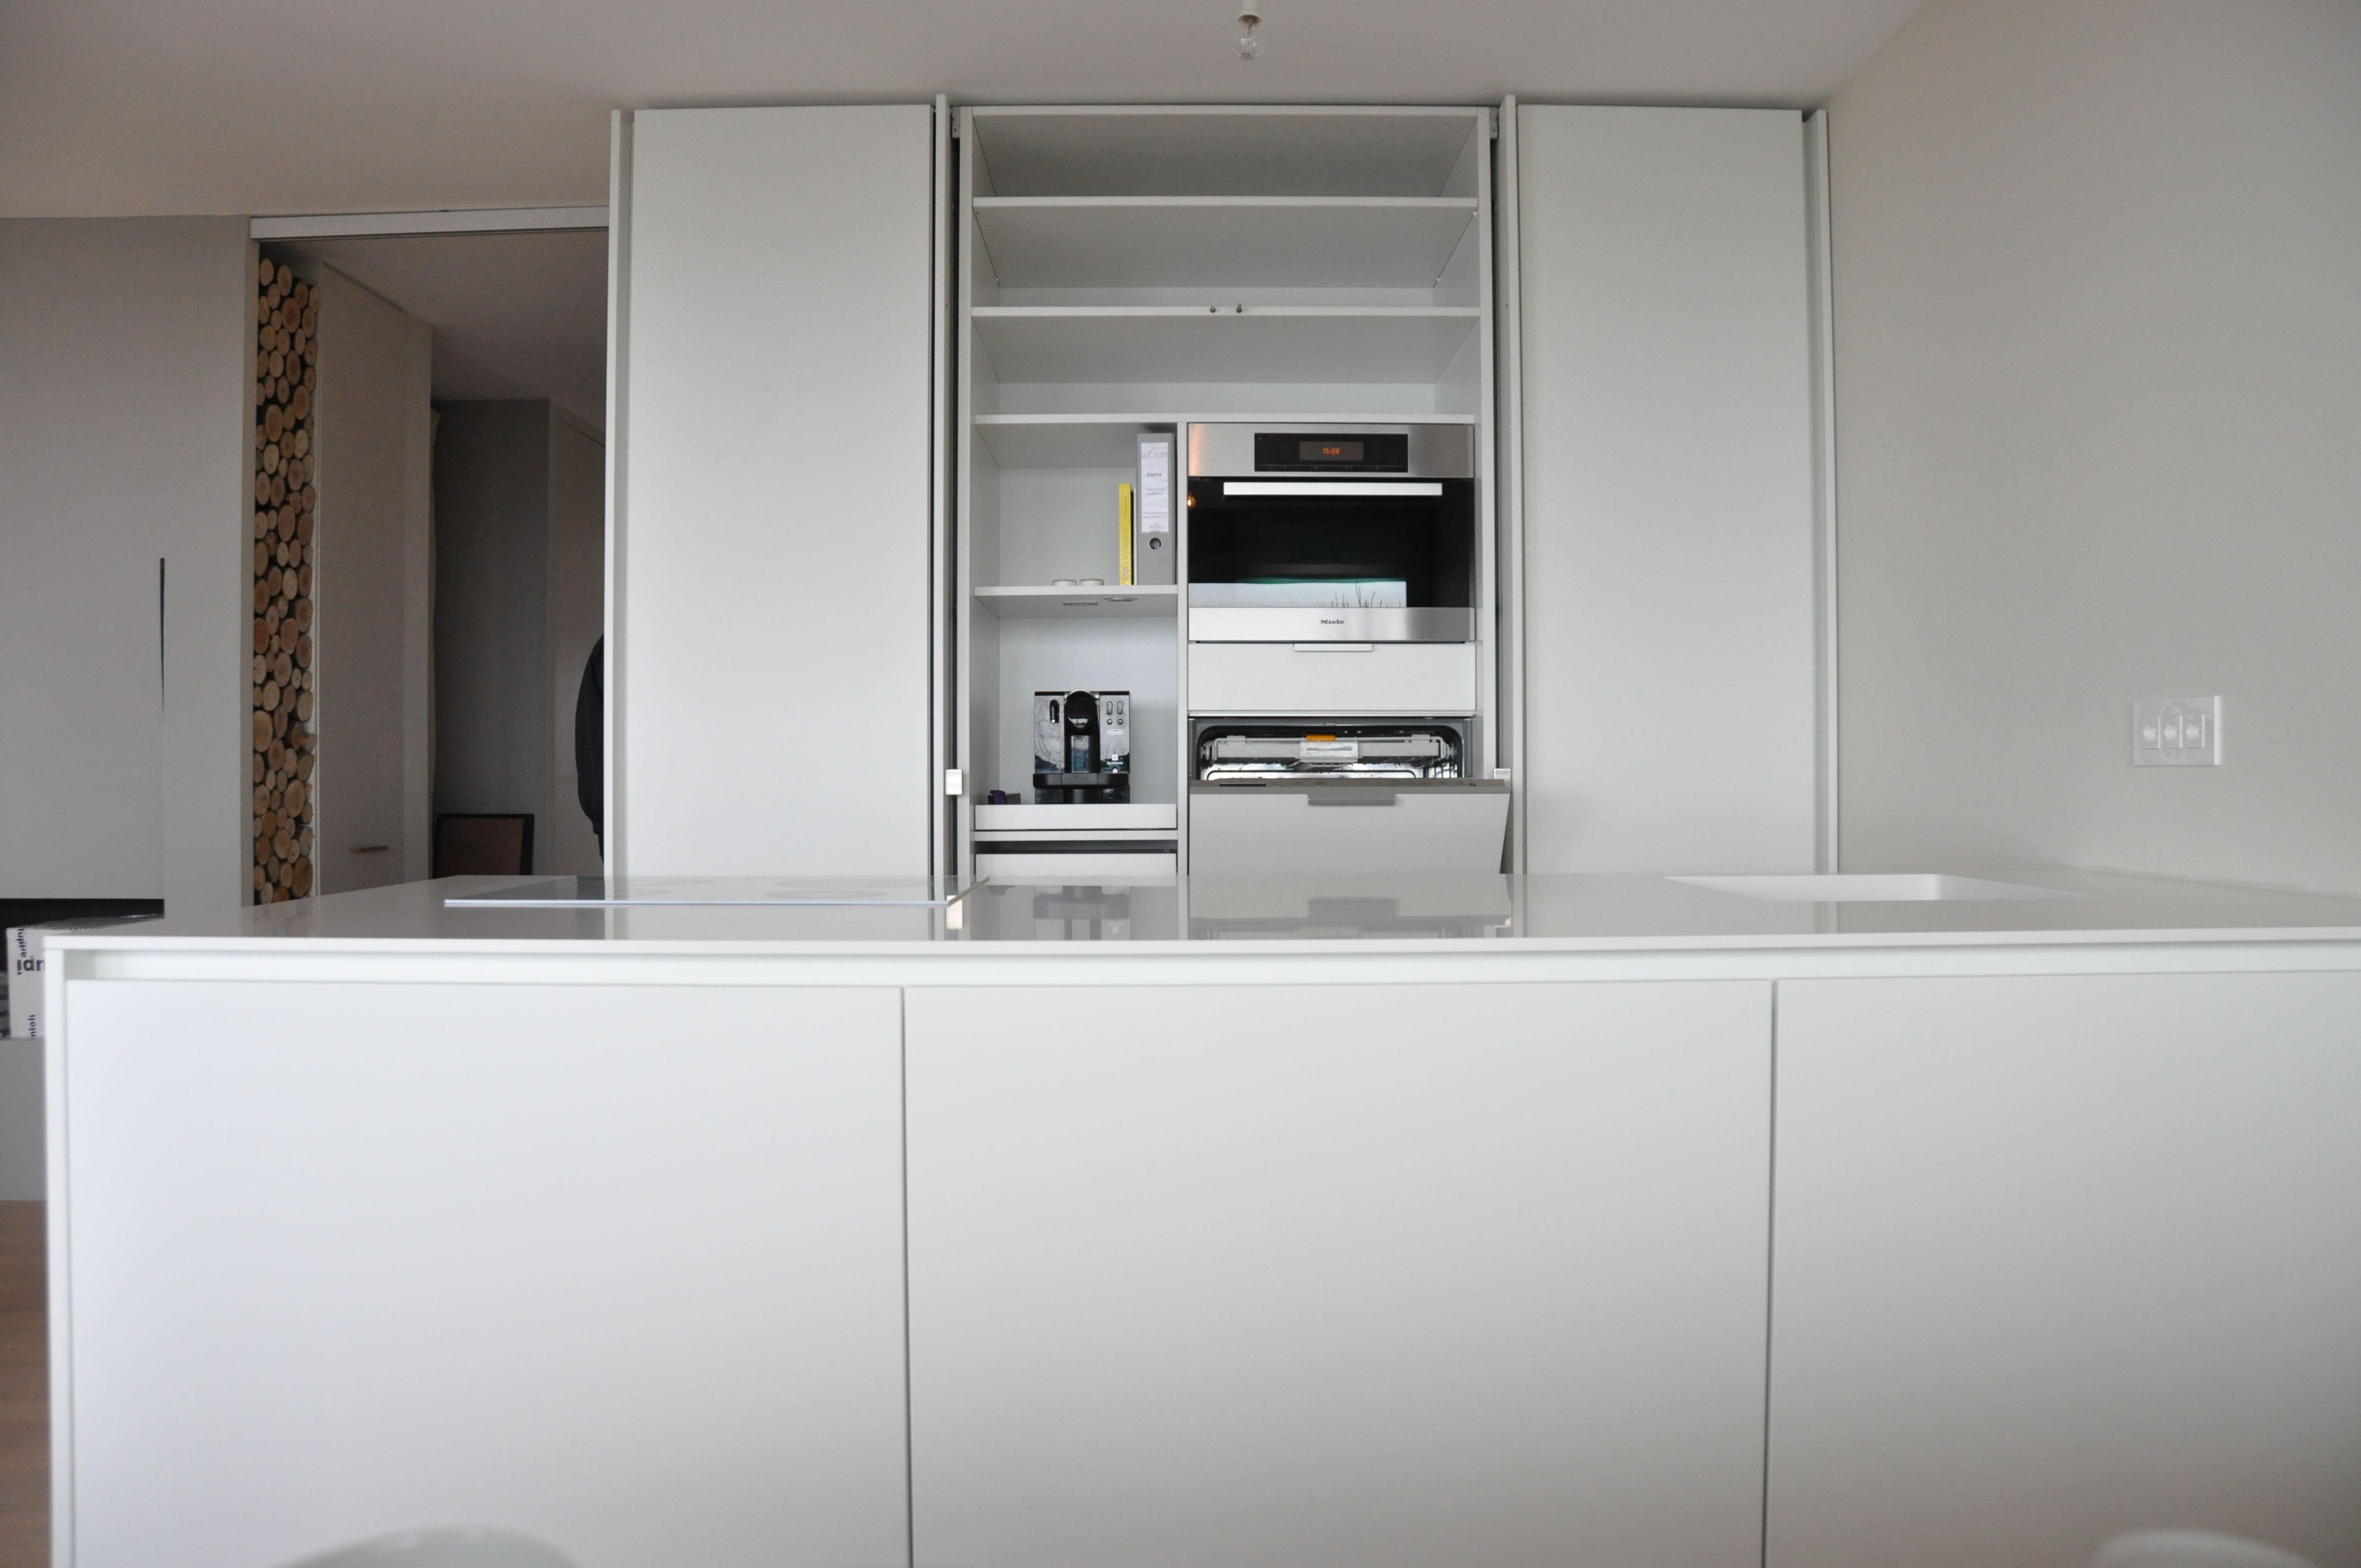 eggersmann e sign mit offenem pocket schrank k chen pinterest. Black Bedroom Furniture Sets. Home Design Ideas